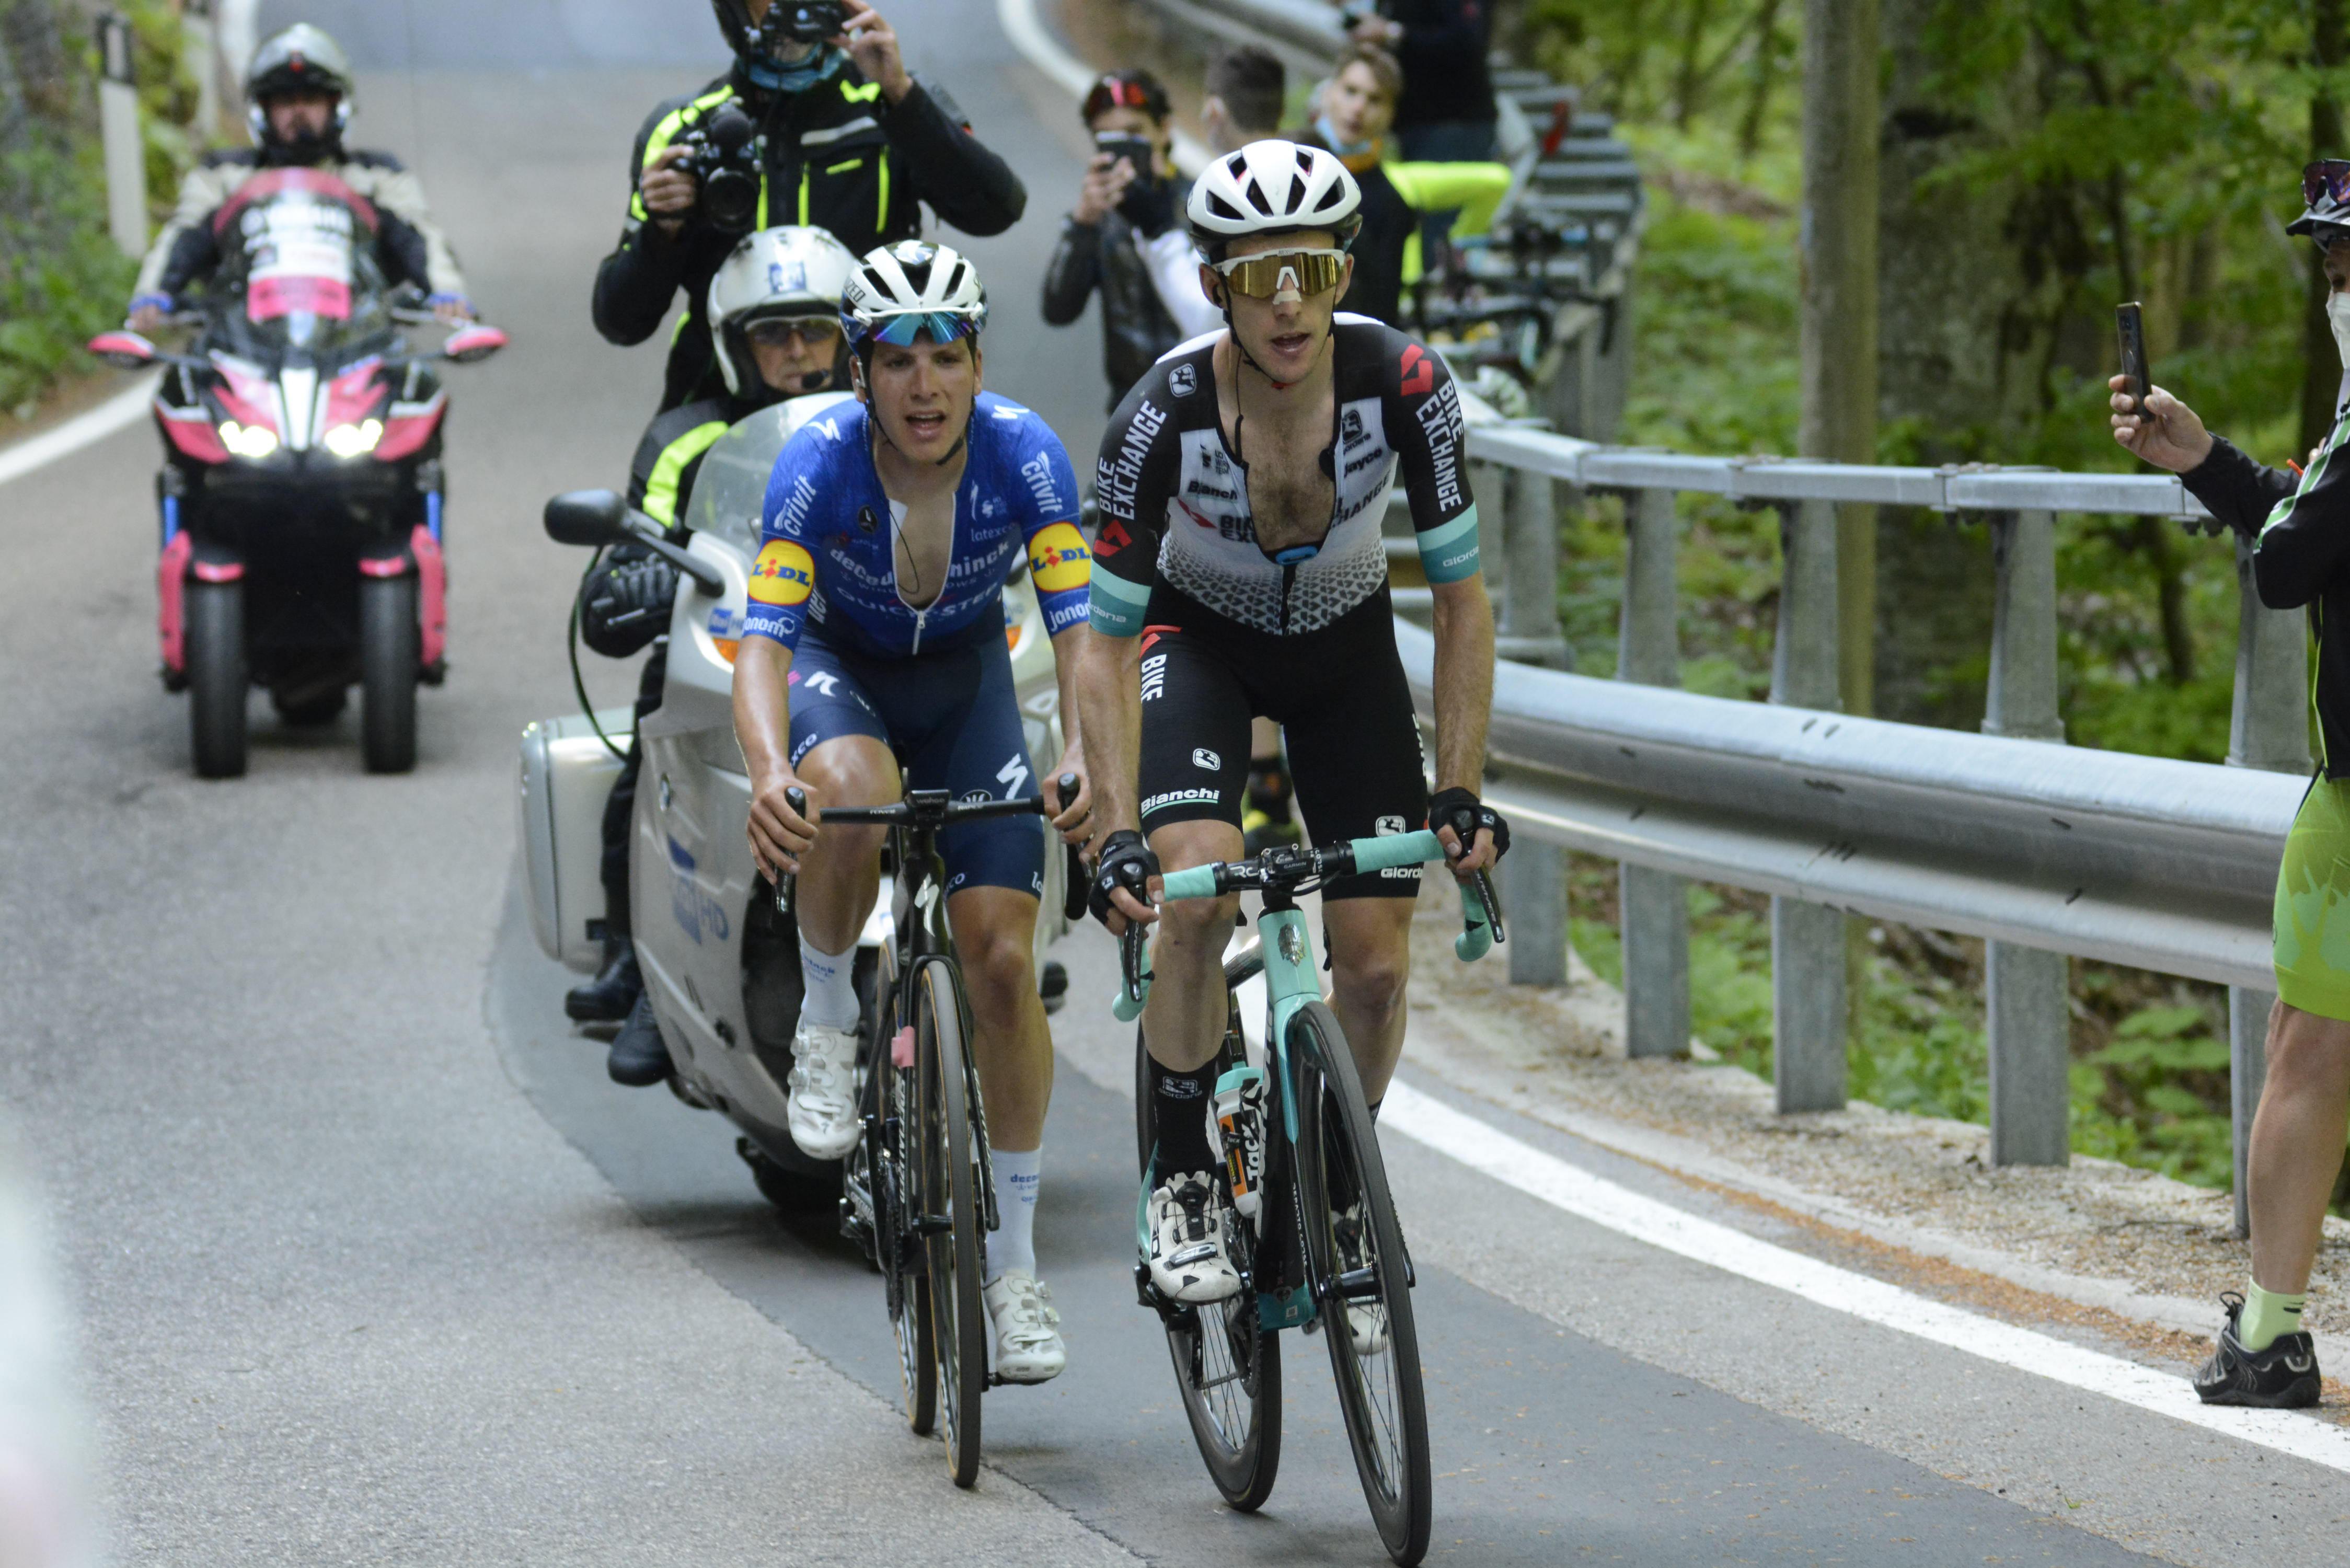 Po zmagi v 19. etapi Yates še bližje stopničkam, Bernal pa skupni zmagi